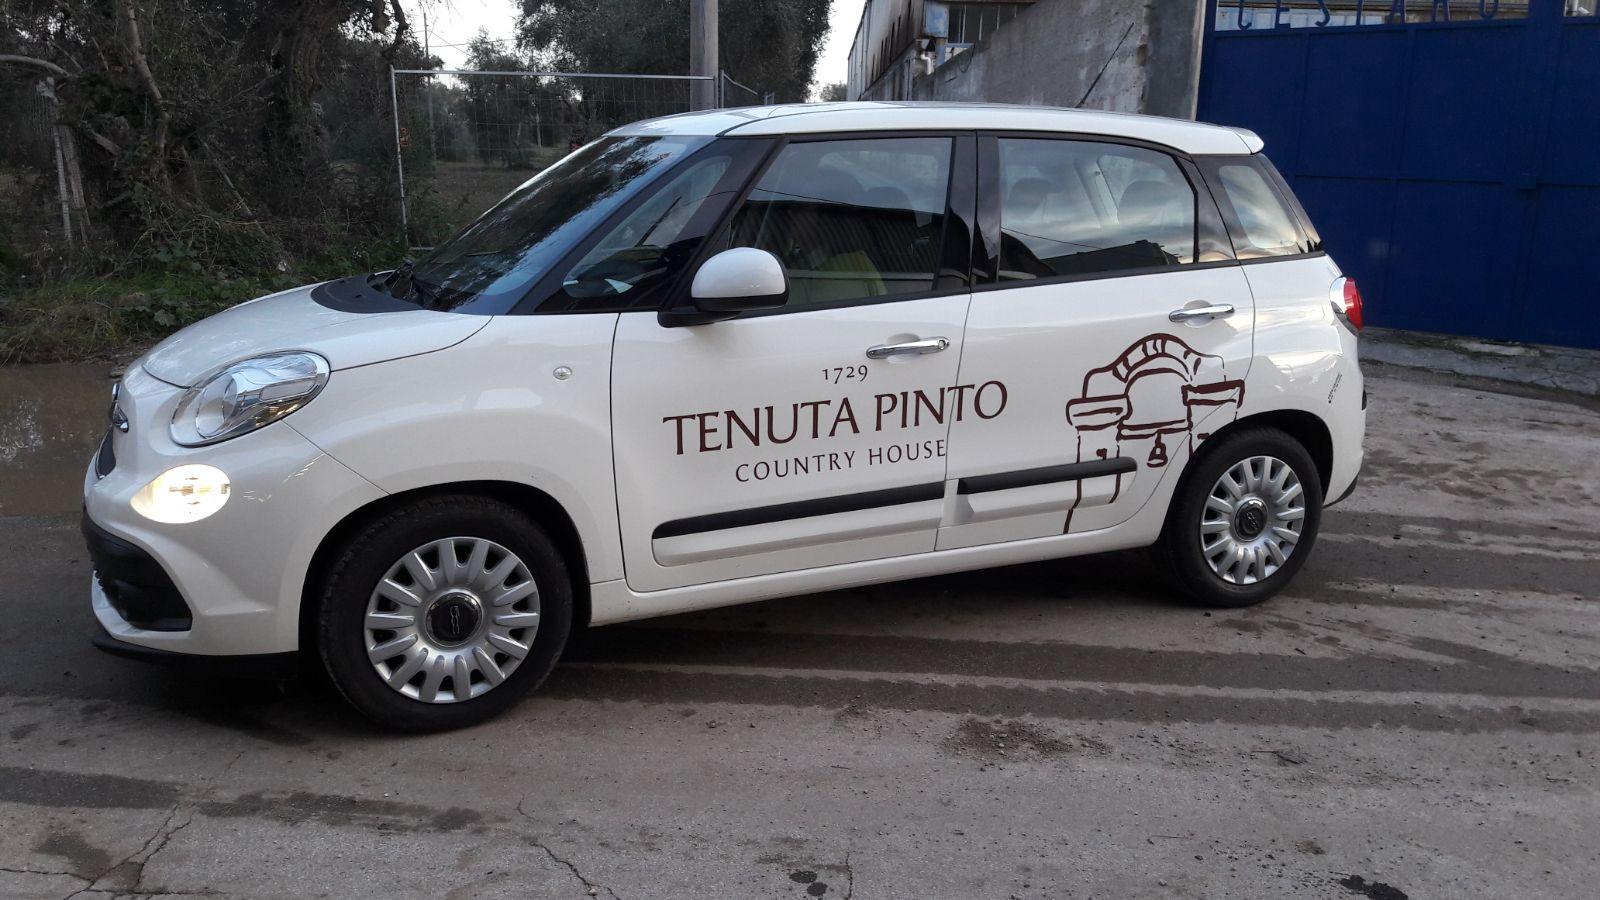 TENUTA PINTO